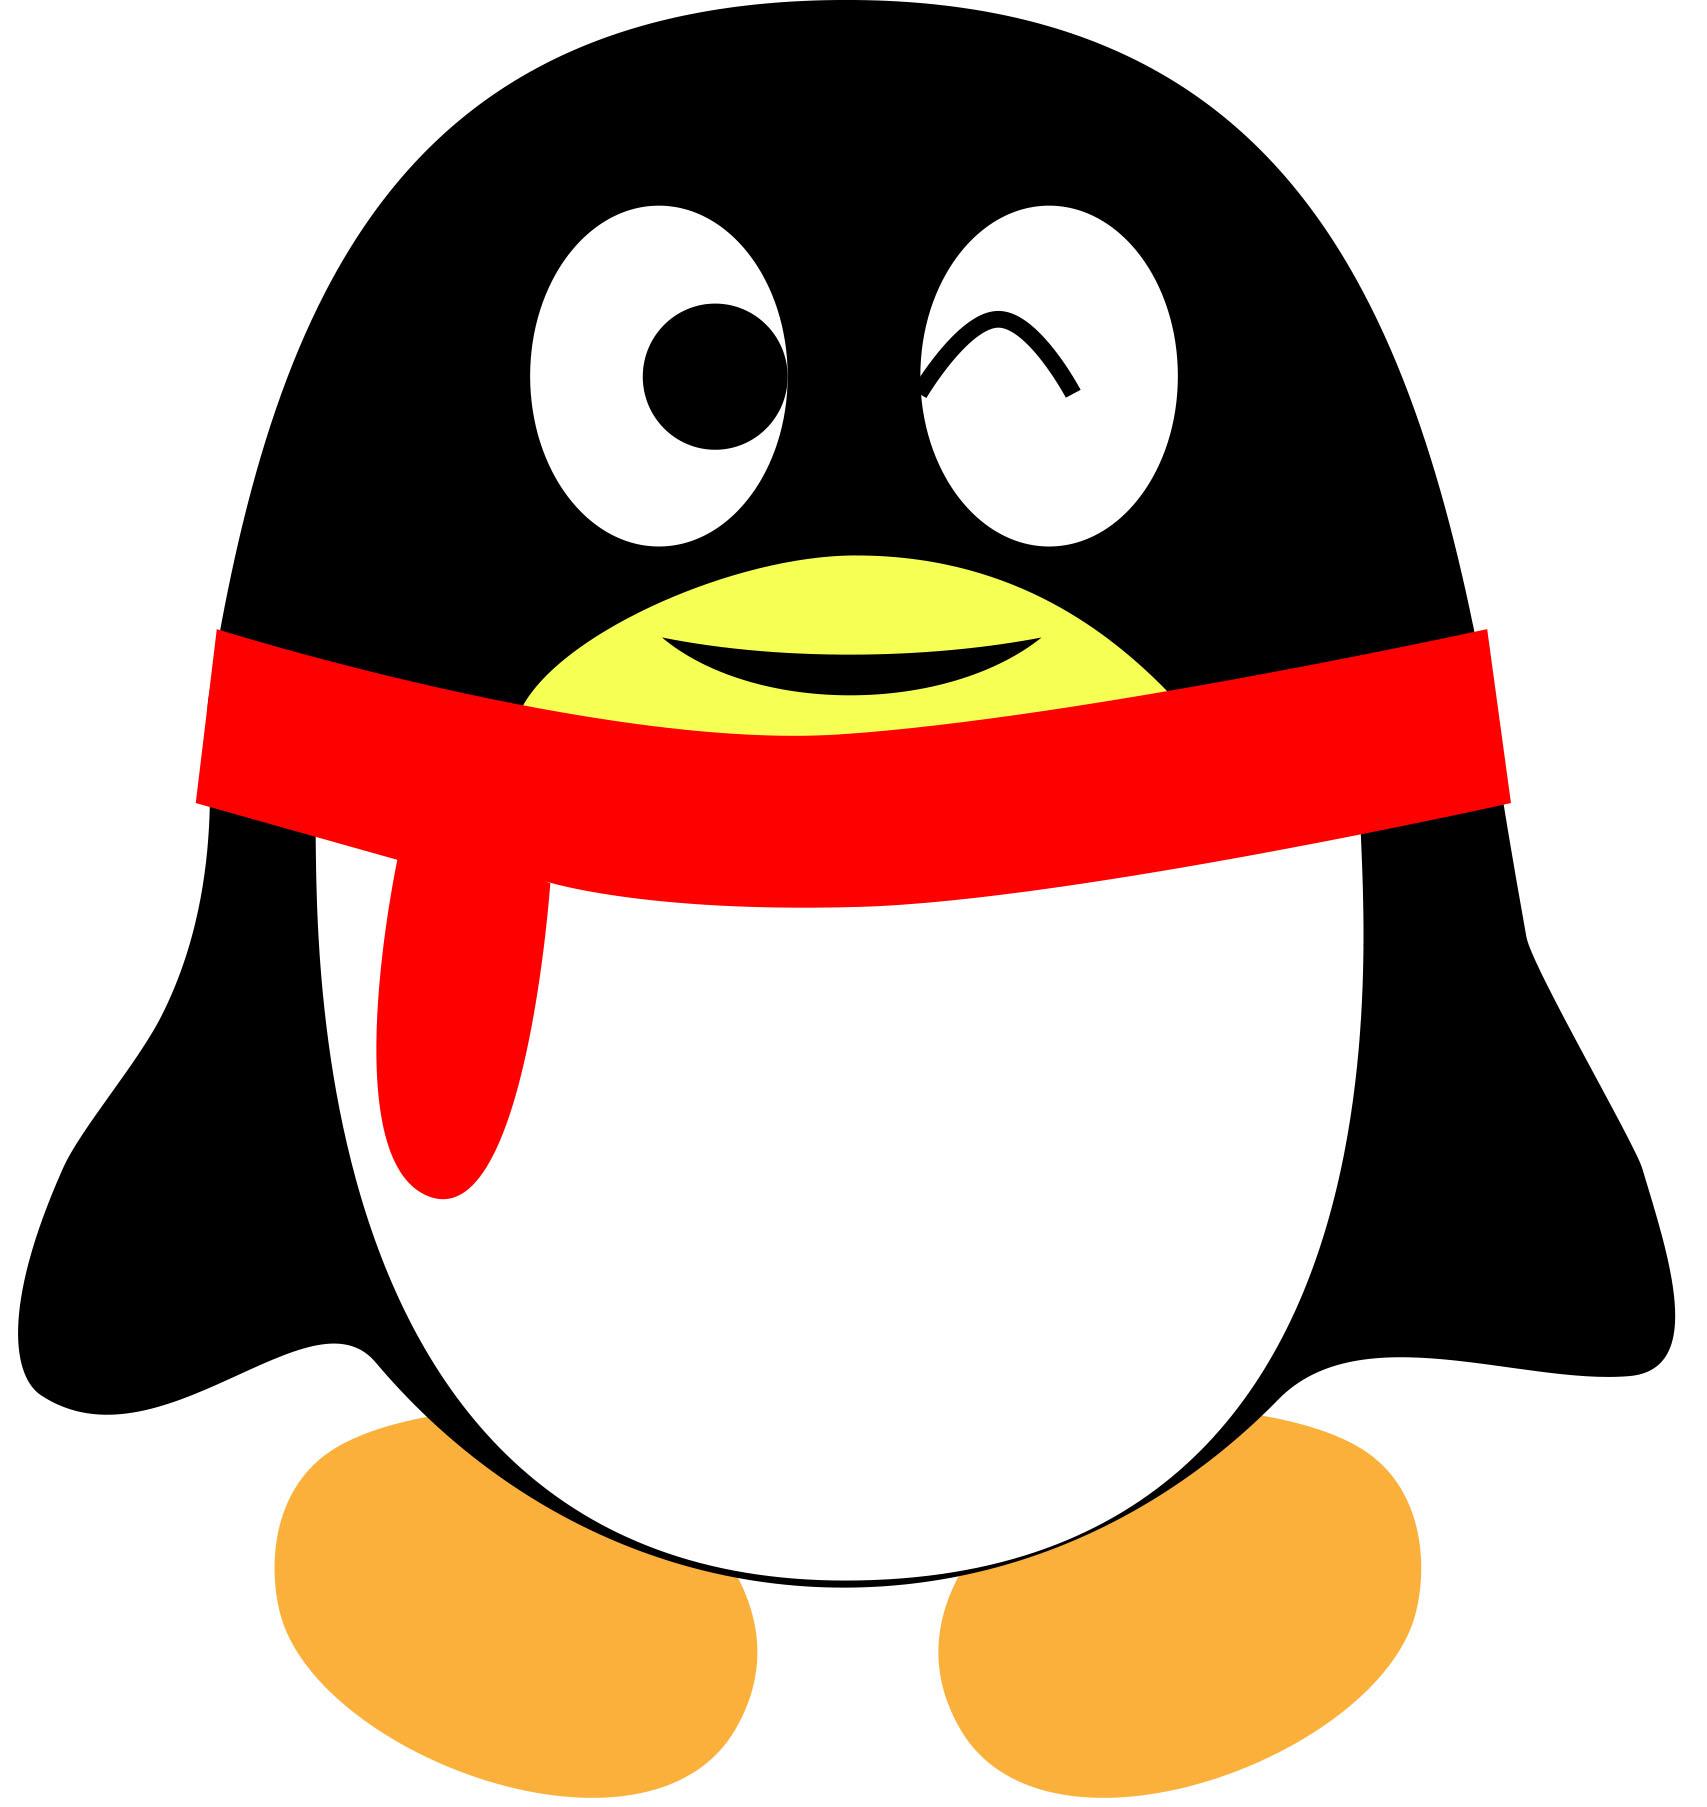 会员企鹅动态头像